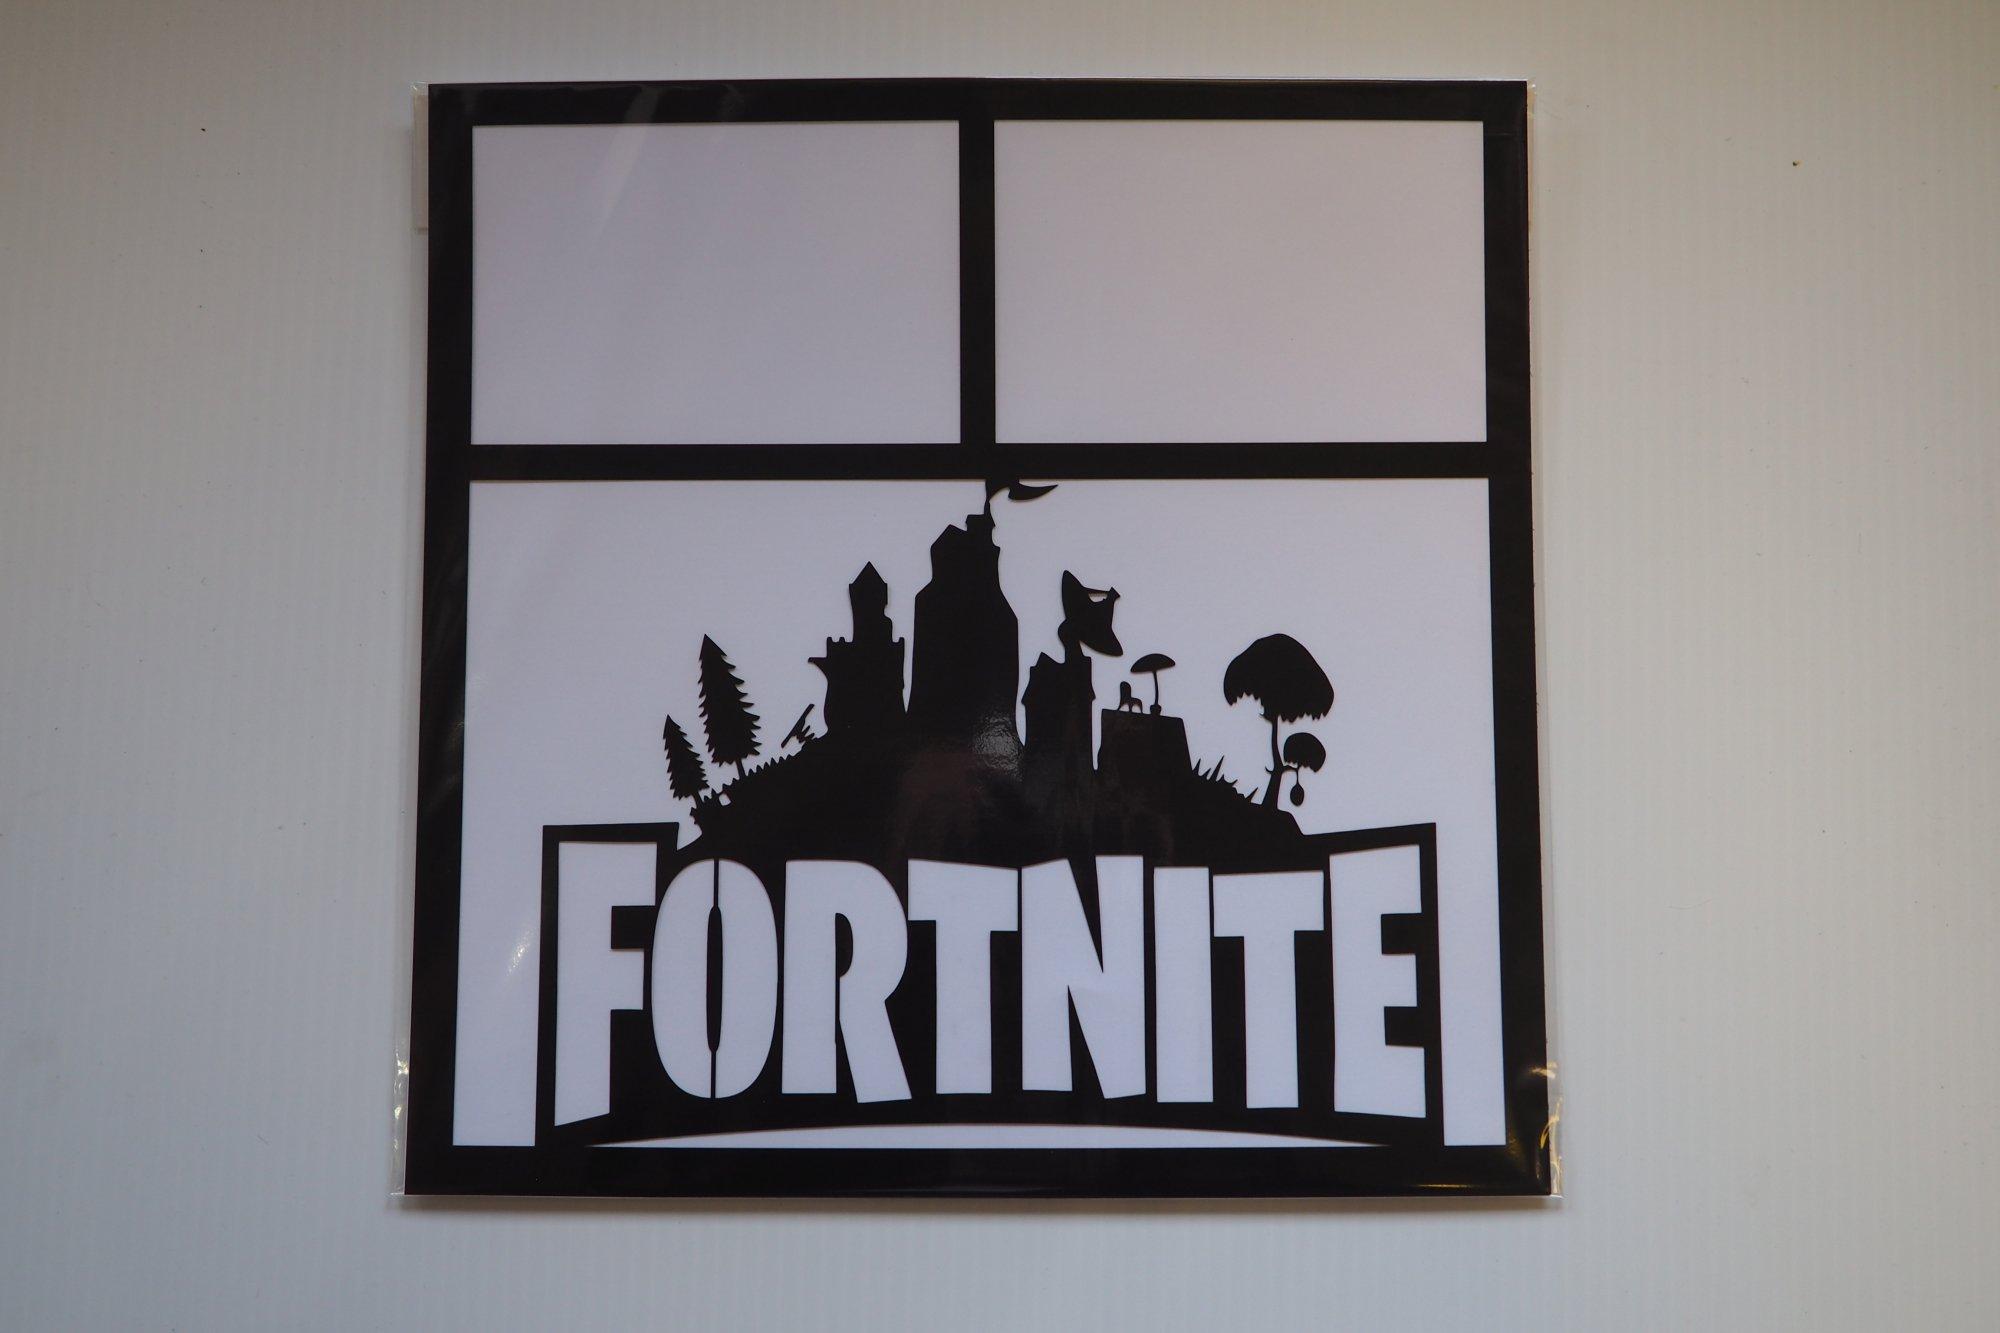 Fortnite Overlay